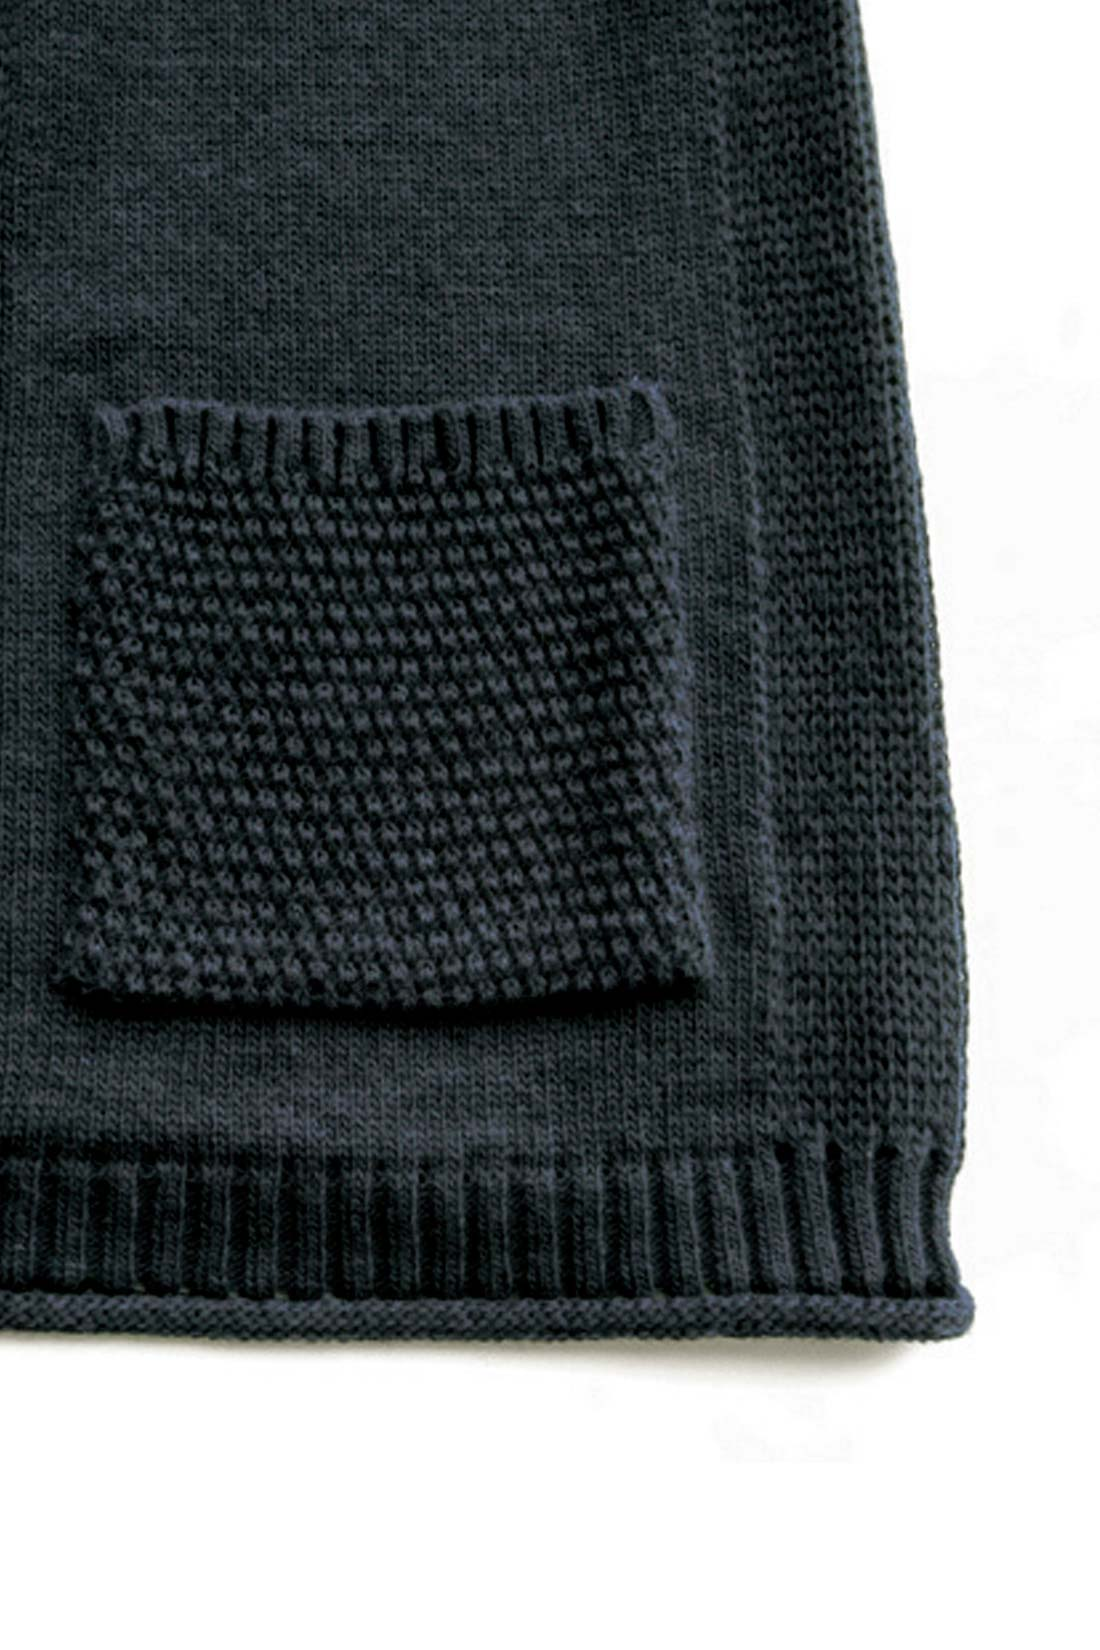 【編み目も凝っています。】編み柄を変えたり、すそをくるんとしたり。細部までこだわったよ。